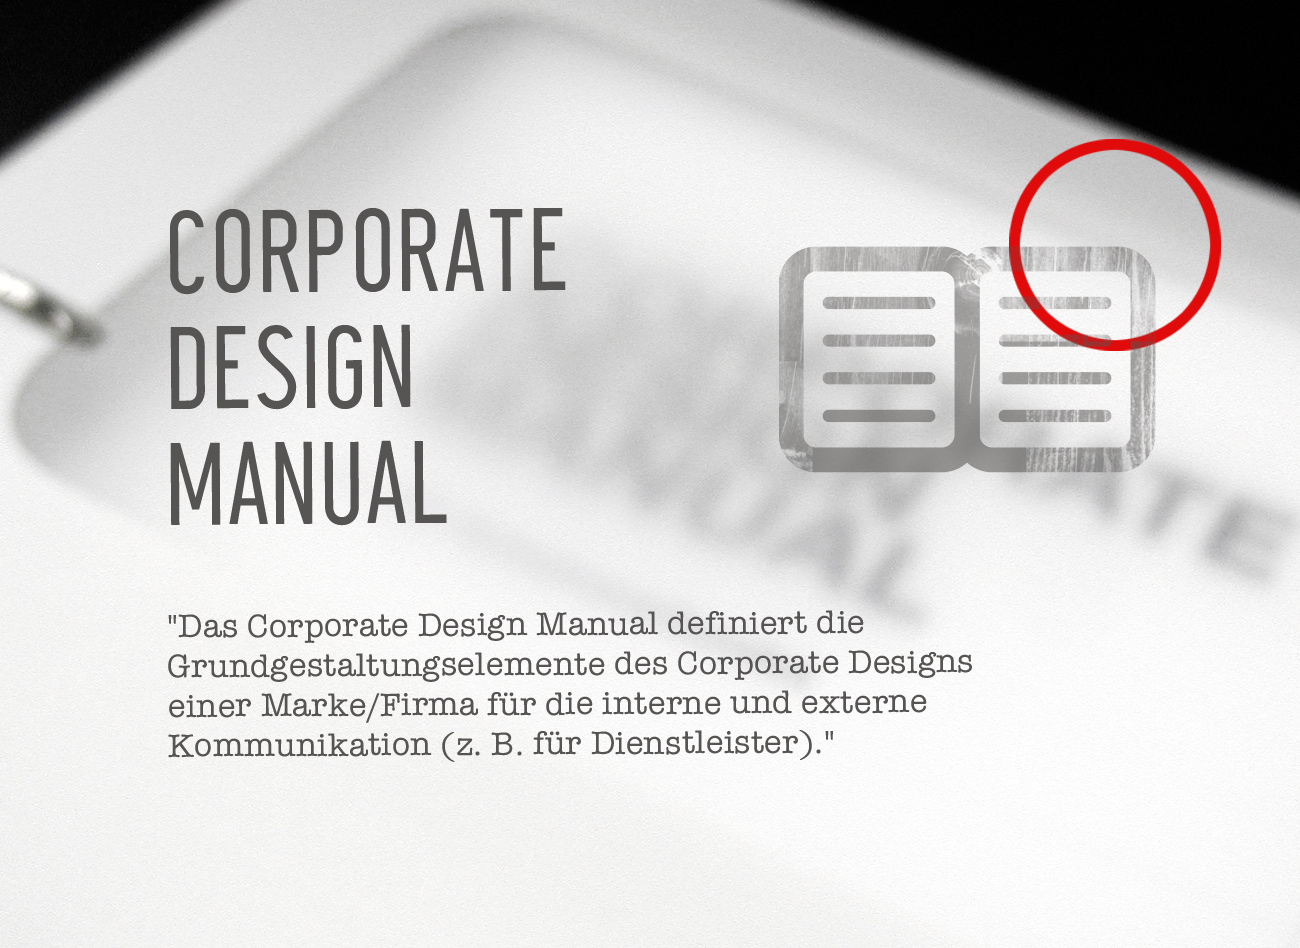 Das Corporate Design Manual definiert die Grundgestaltungselemente des Corporate Designs einer Marke/Firma für die interne und externe Kommunikation (z. B. für Dienstleister). © Wikipedia